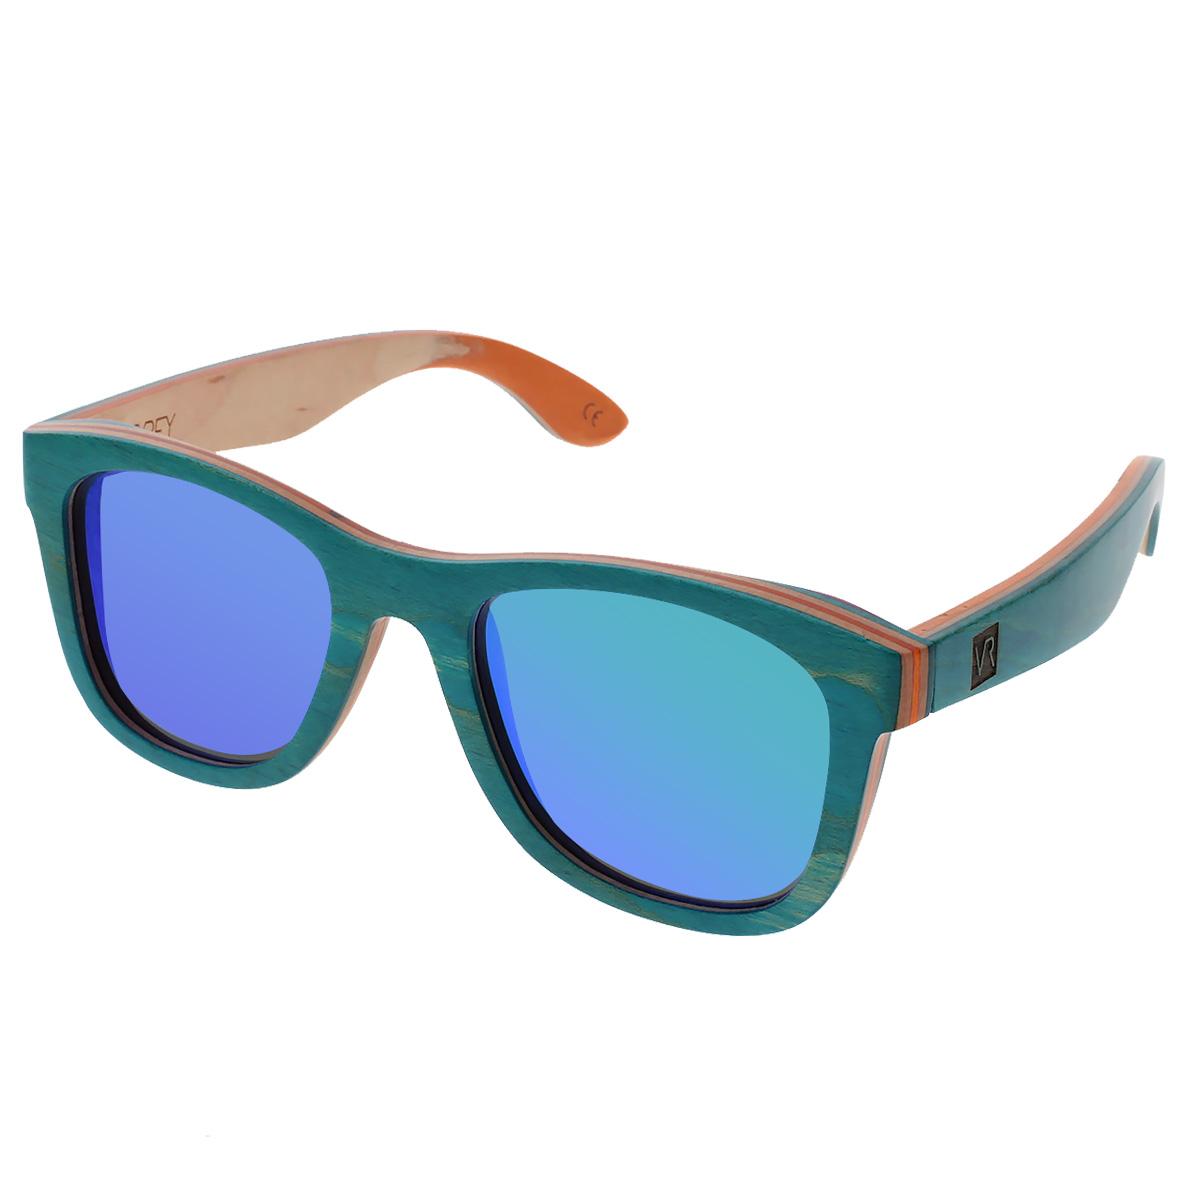 Dřevěné sluneční brýle Metasequoia tyrkysové